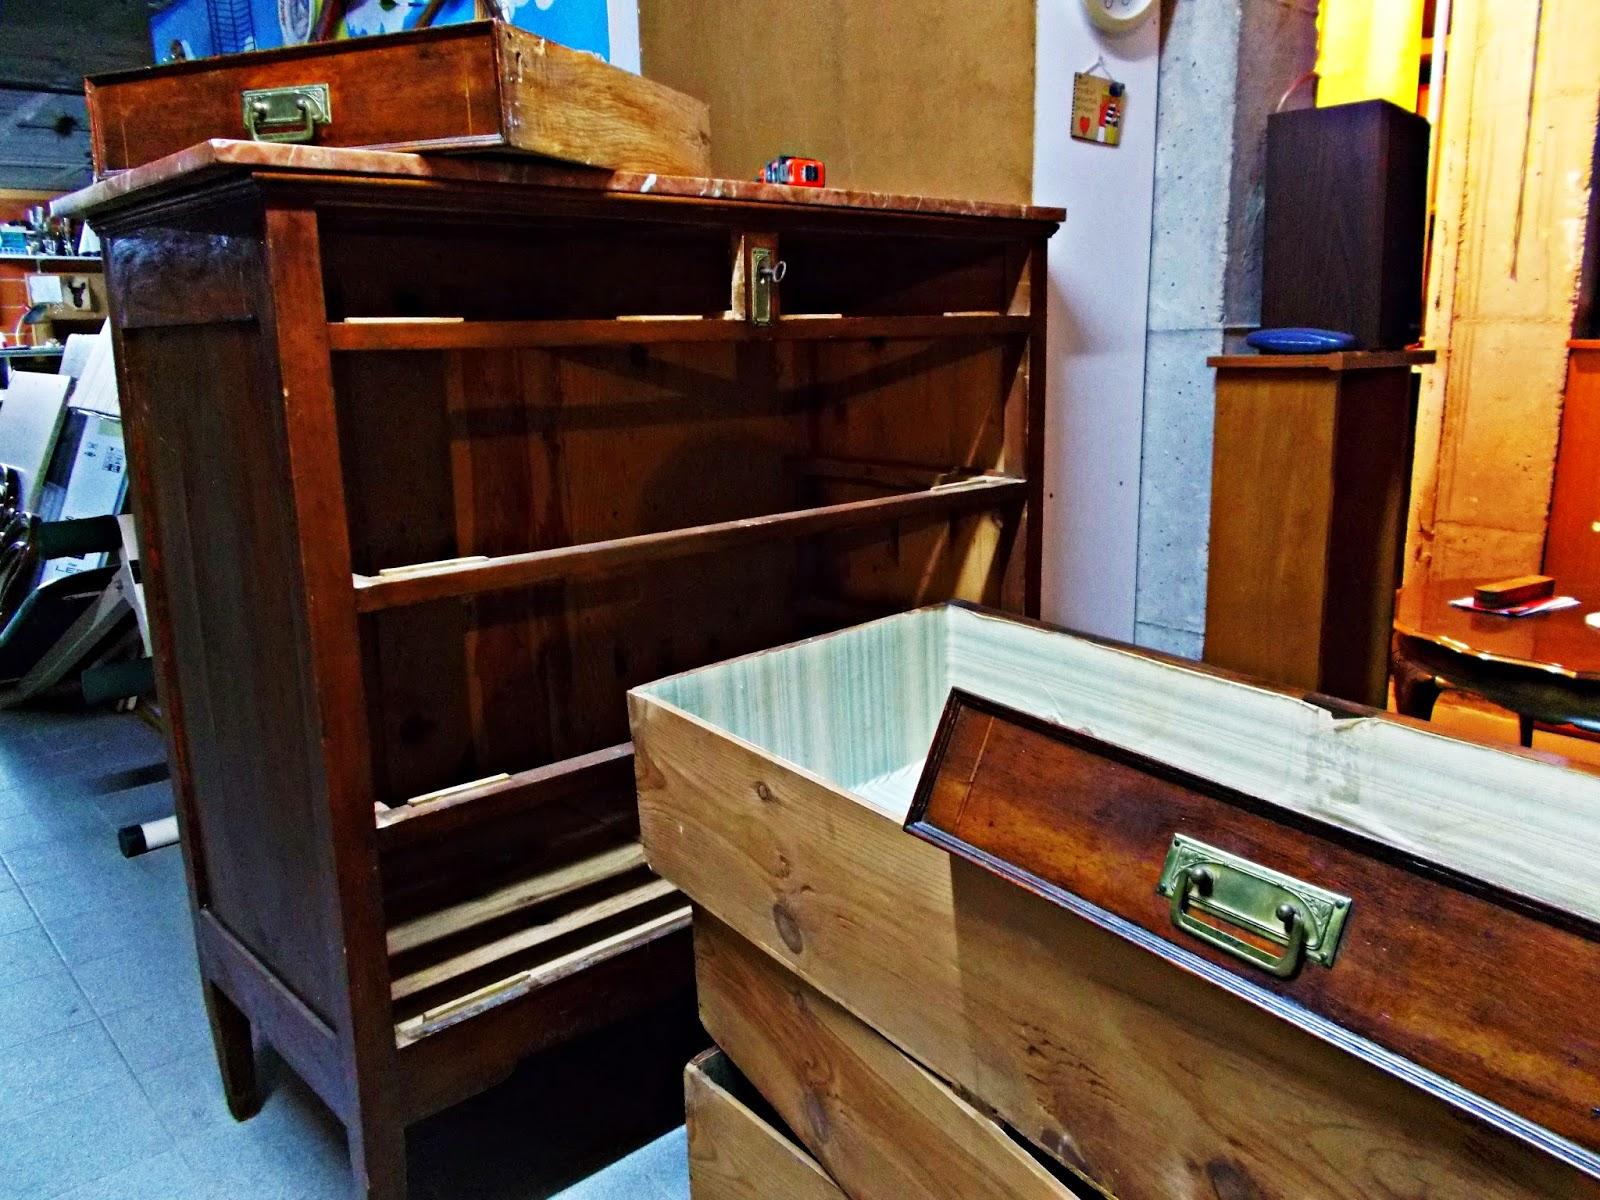 DIY-decoración-cómoda-mueble-restaurar-forrar-cajones-tela-leopardo-2